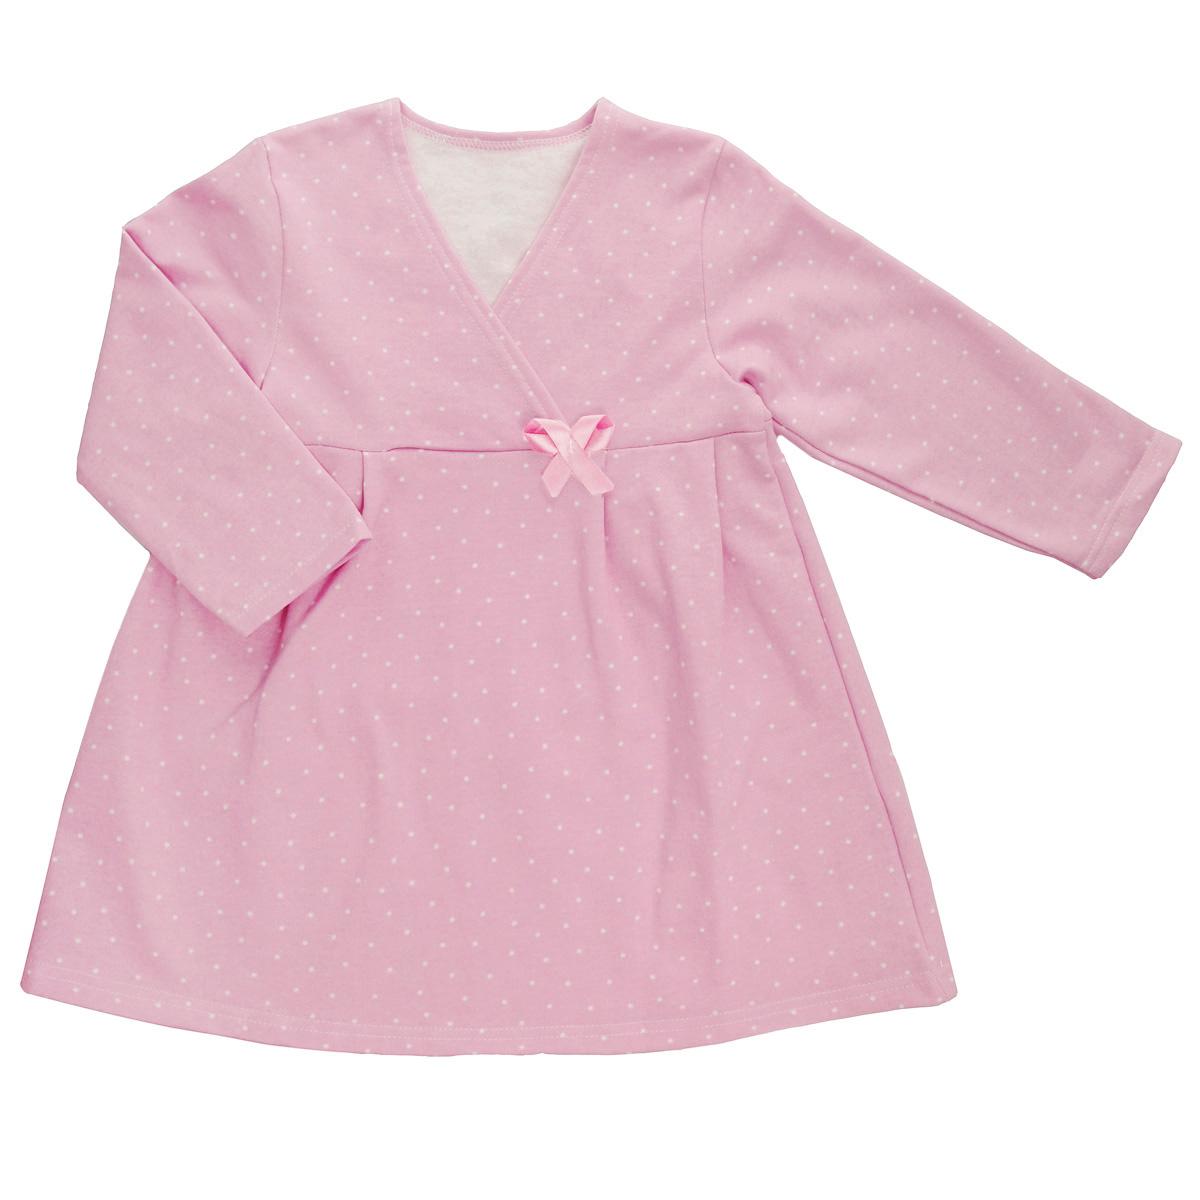 Сорочка ночная для девочки Трон-плюс, цвет: розовый, белый, рисунок горох. 5522. Размер 98/104, 3-5 лет